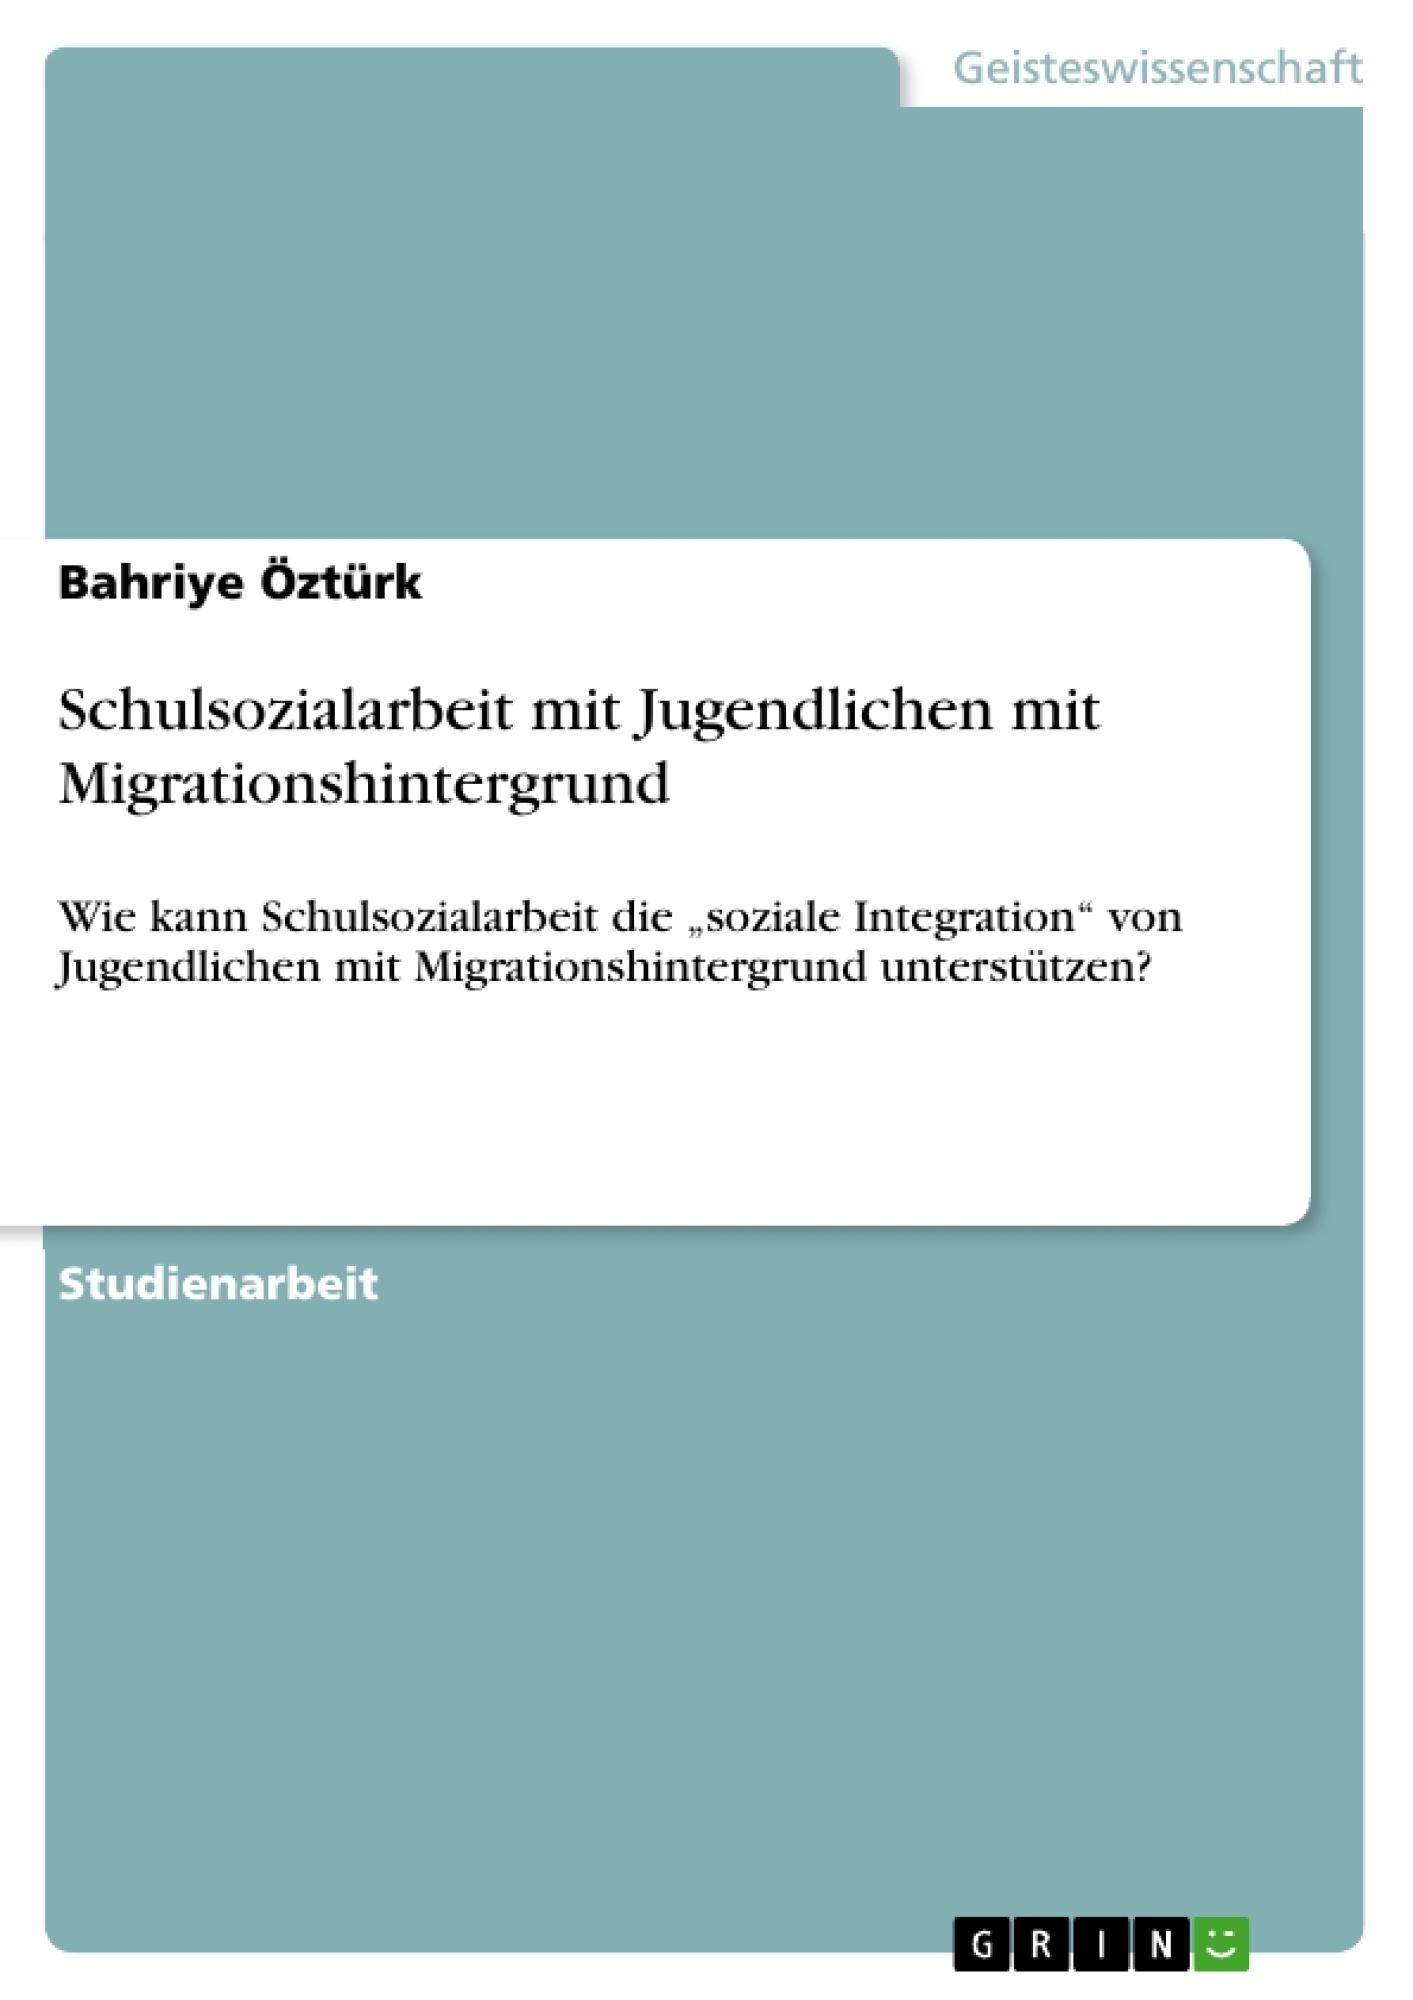 Titel: Schulsozialarbeit mit Jugendlichen mit Migrationshintergrund